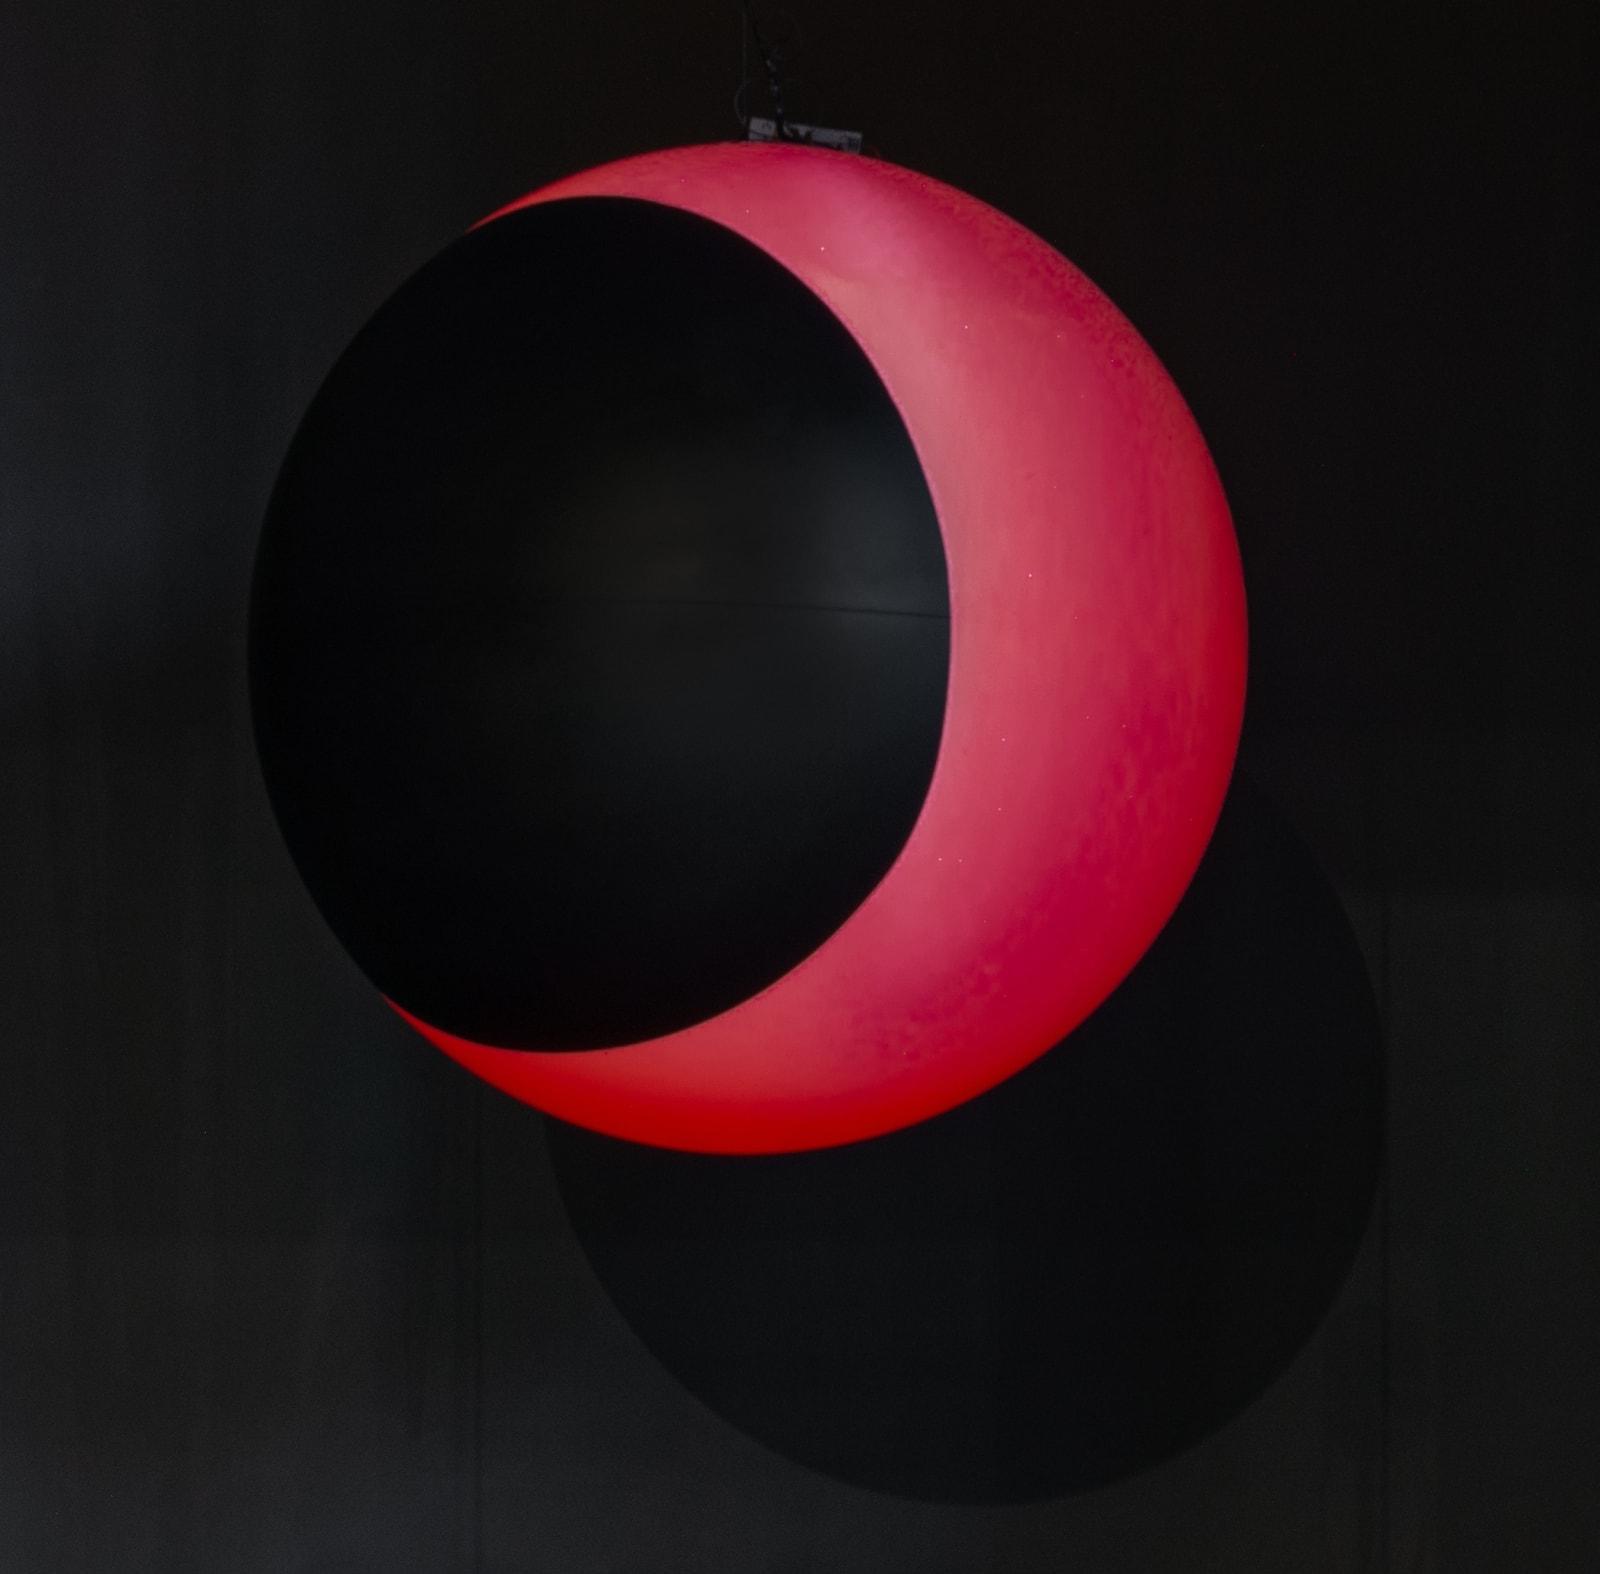 Capri Moon 3b, 2019